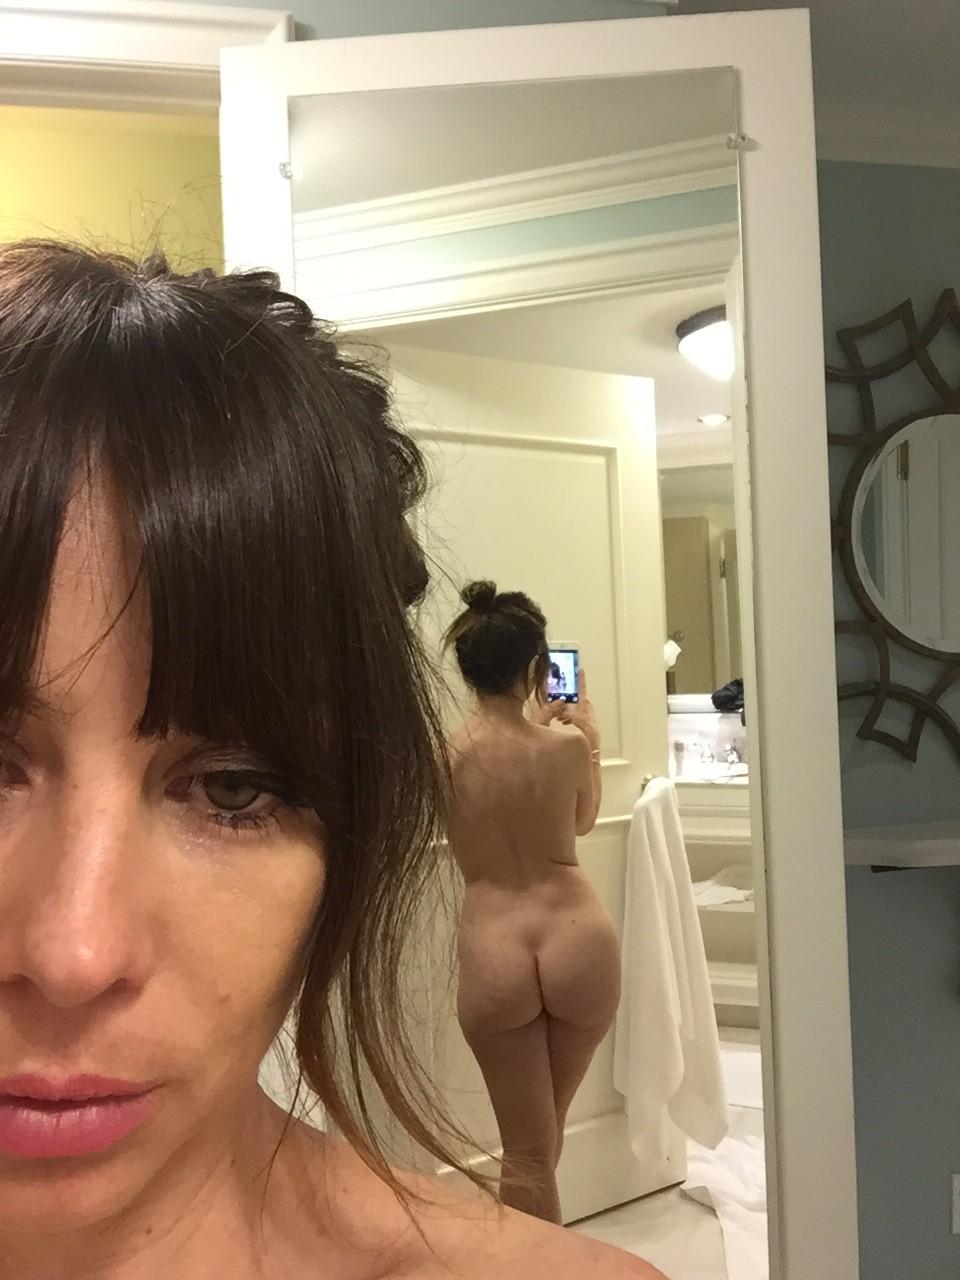 Natasha Leggero Leaked Photos, Pussy and Boobs Pics